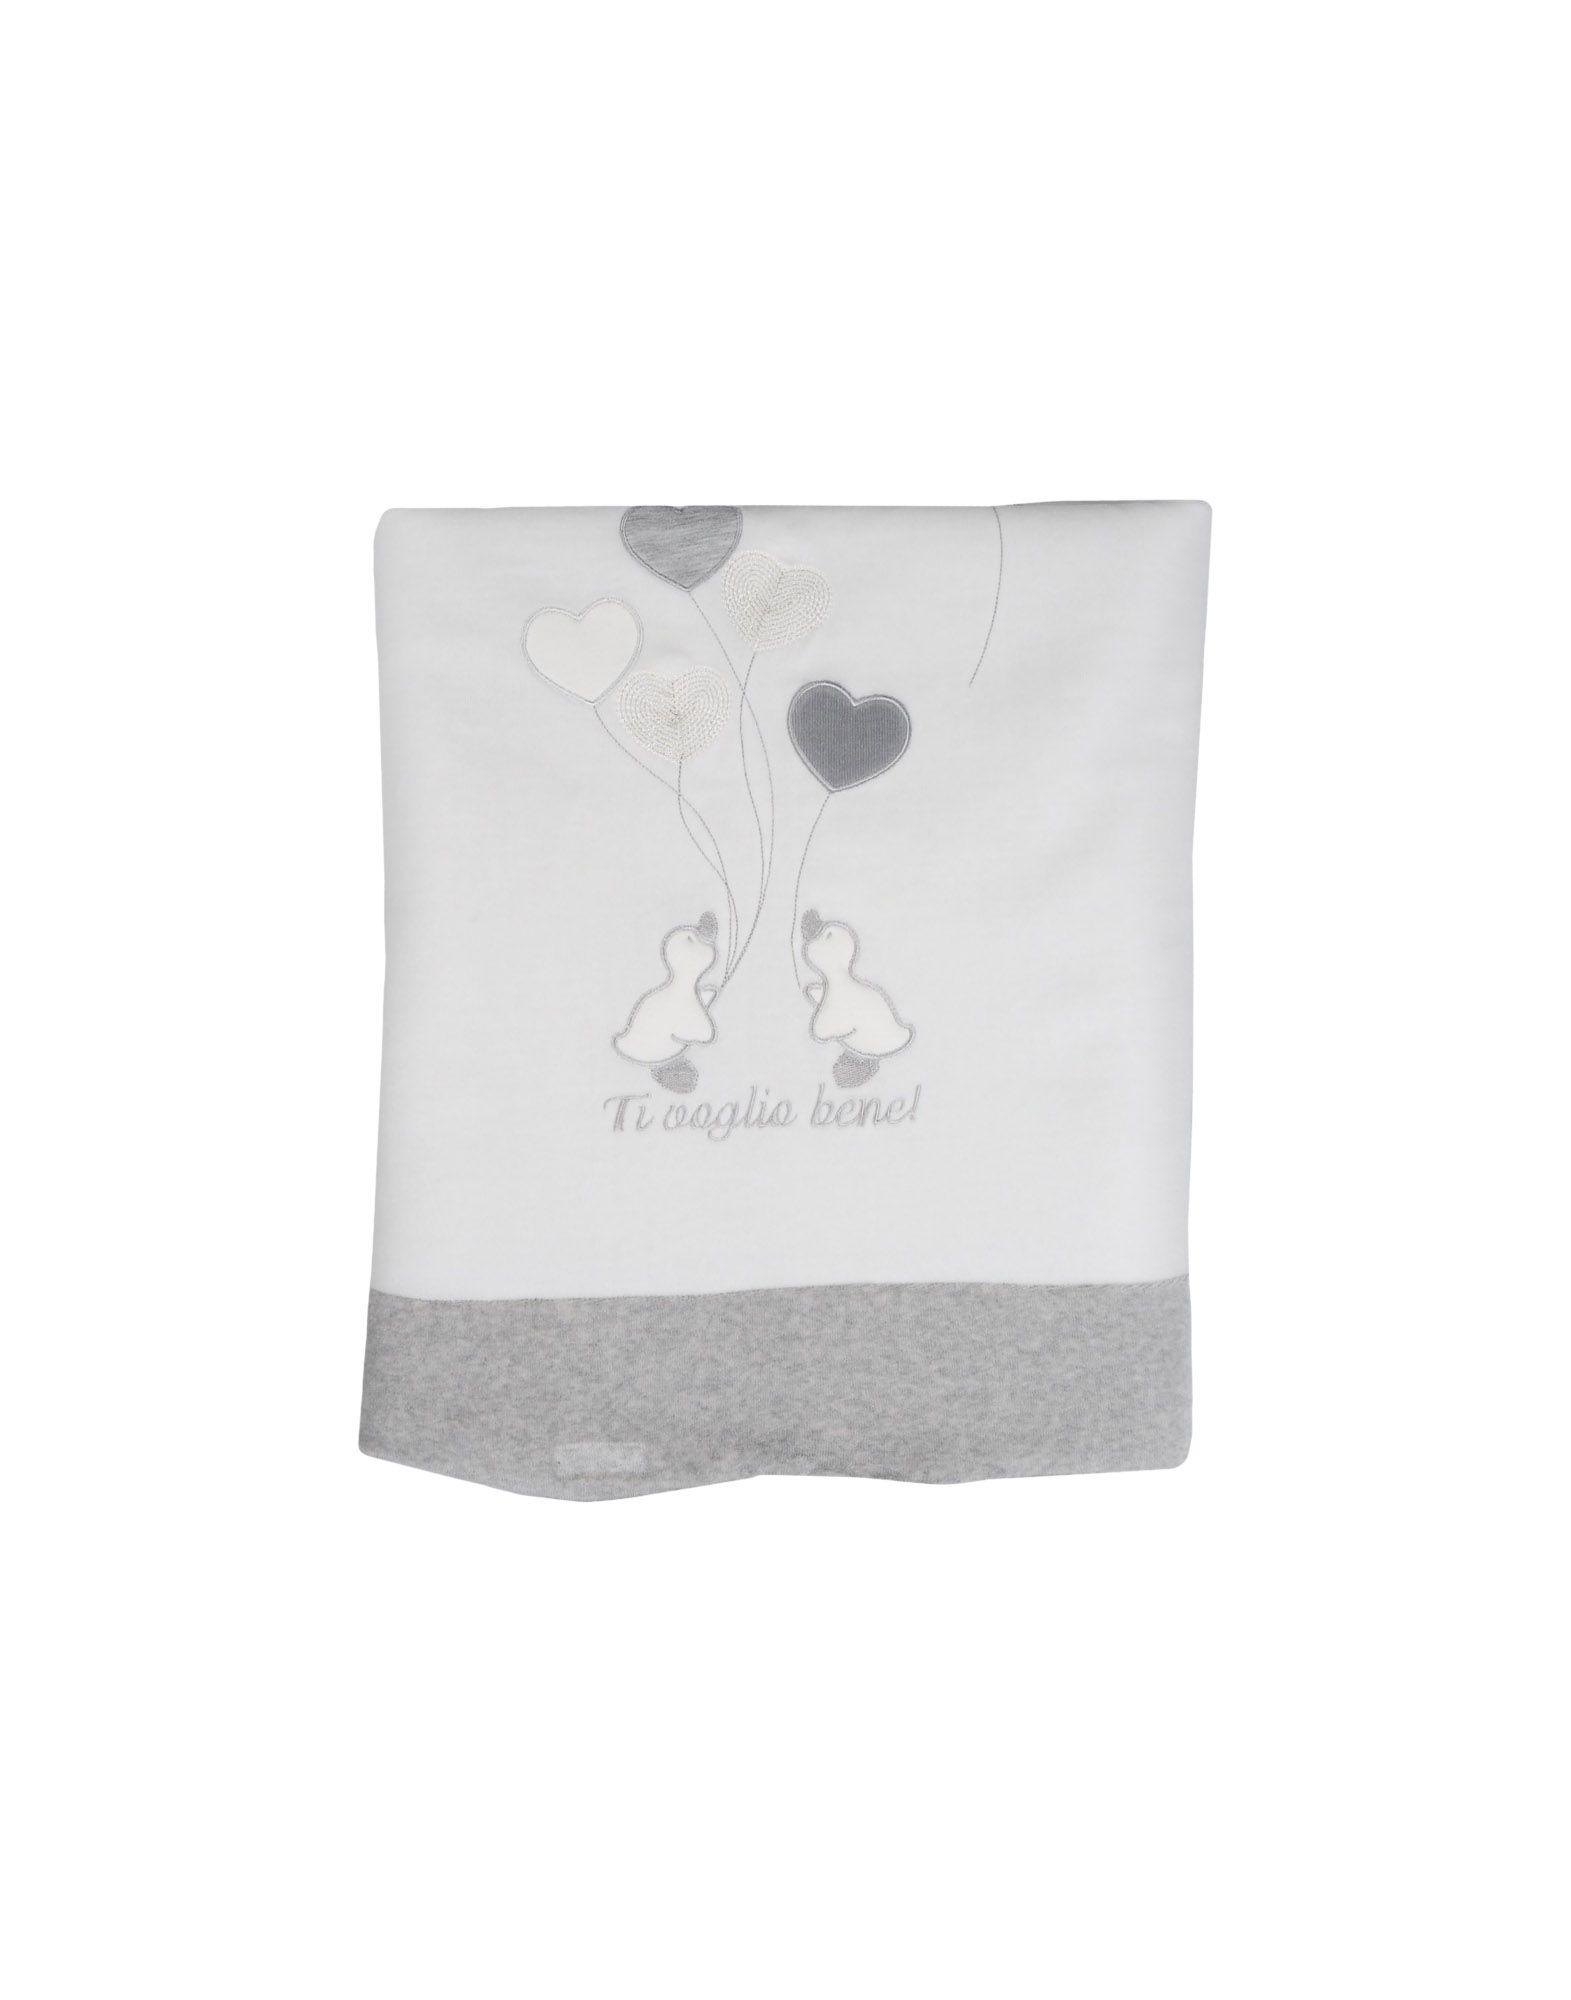 NINETTA Unisex Wolldecke Farbe Weiß Größe 1